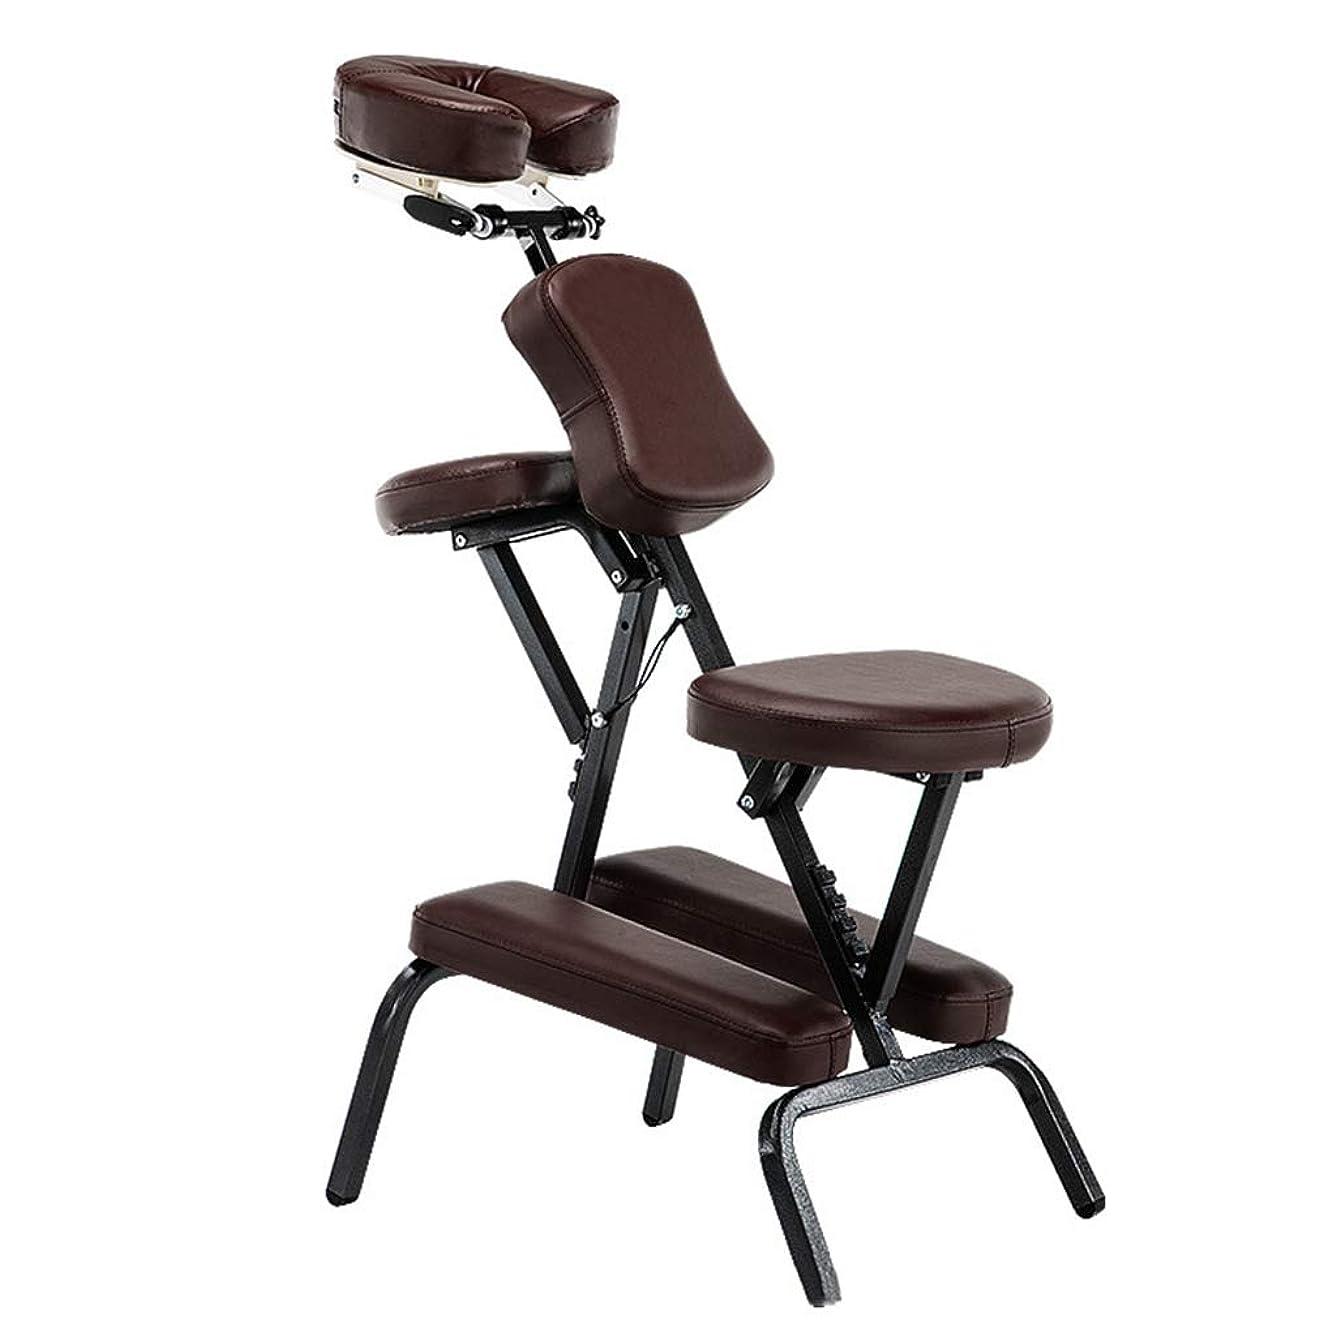 言い訳遮る独創的入れ墨の椅子の健康の椅子の折るマッサージの椅子の携帯用マッサージの椅子のこする椅子入れ墨の椅子の折る美のベッドの鉱泉のマッサージのコンパクトの椅子